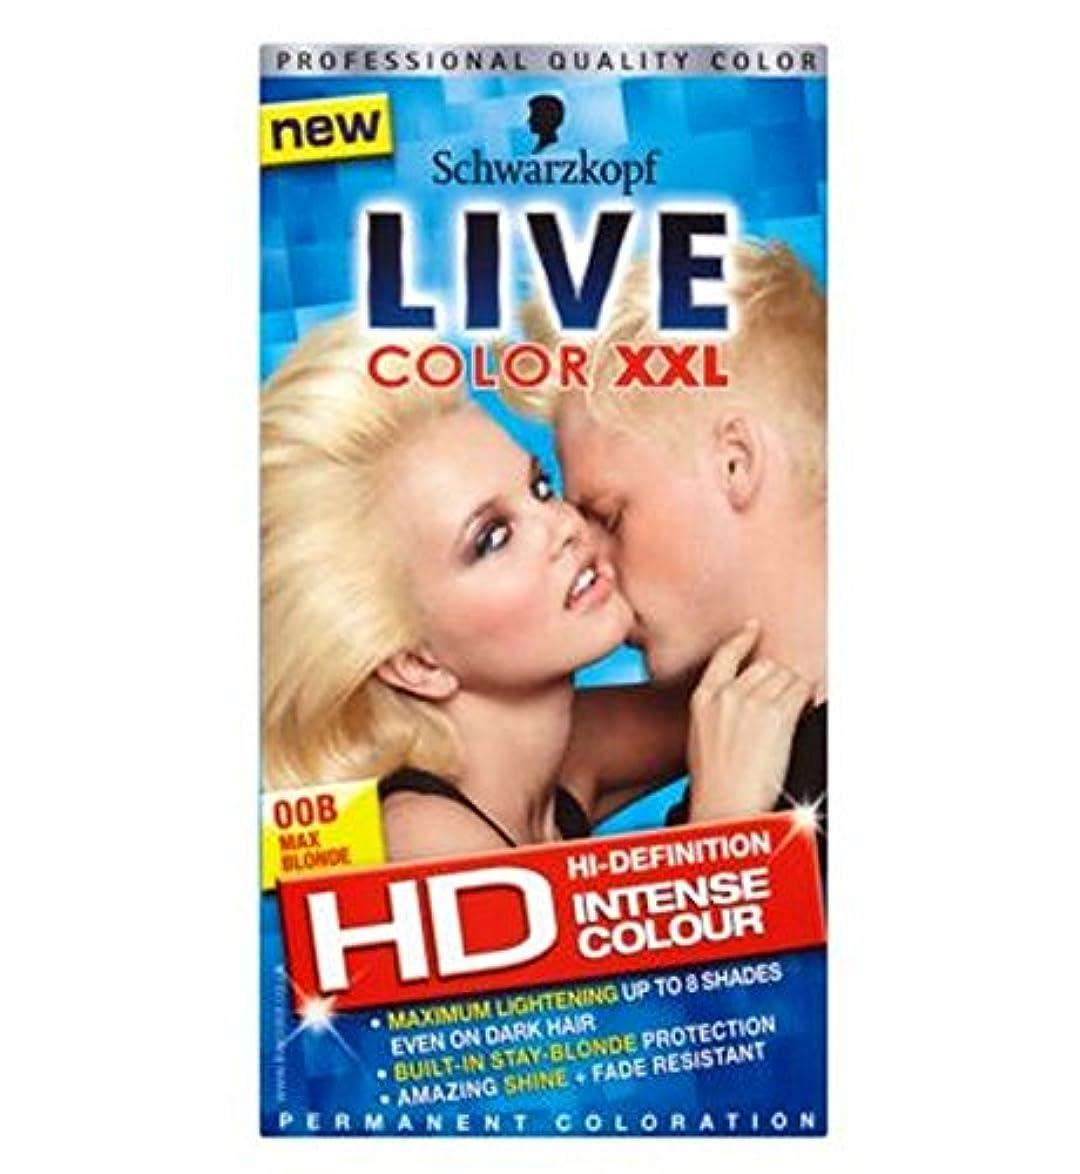 予定知覚リップシュワルツコフライブカラーXxl色の強い永久着色00B最大ブロンド (Schwarzkopf) (x2) - Schwarzkopf Live Color XXL Colour Intense Permanent Coloration 00B Max Blonde (Pack of 2) [並行輸入品]